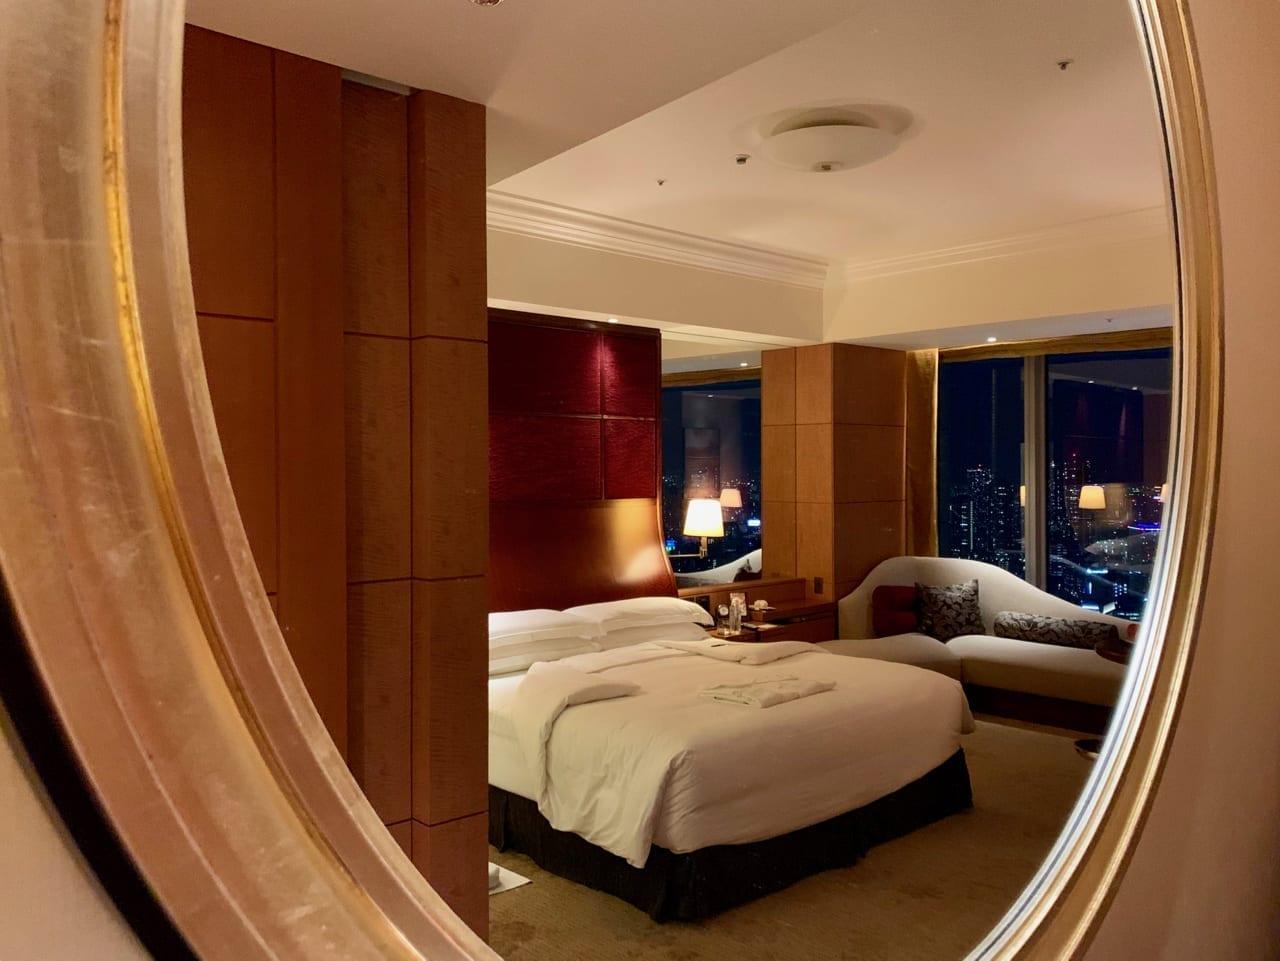 Sicht auf das Bett im Shangri-La durch einen Spiegel